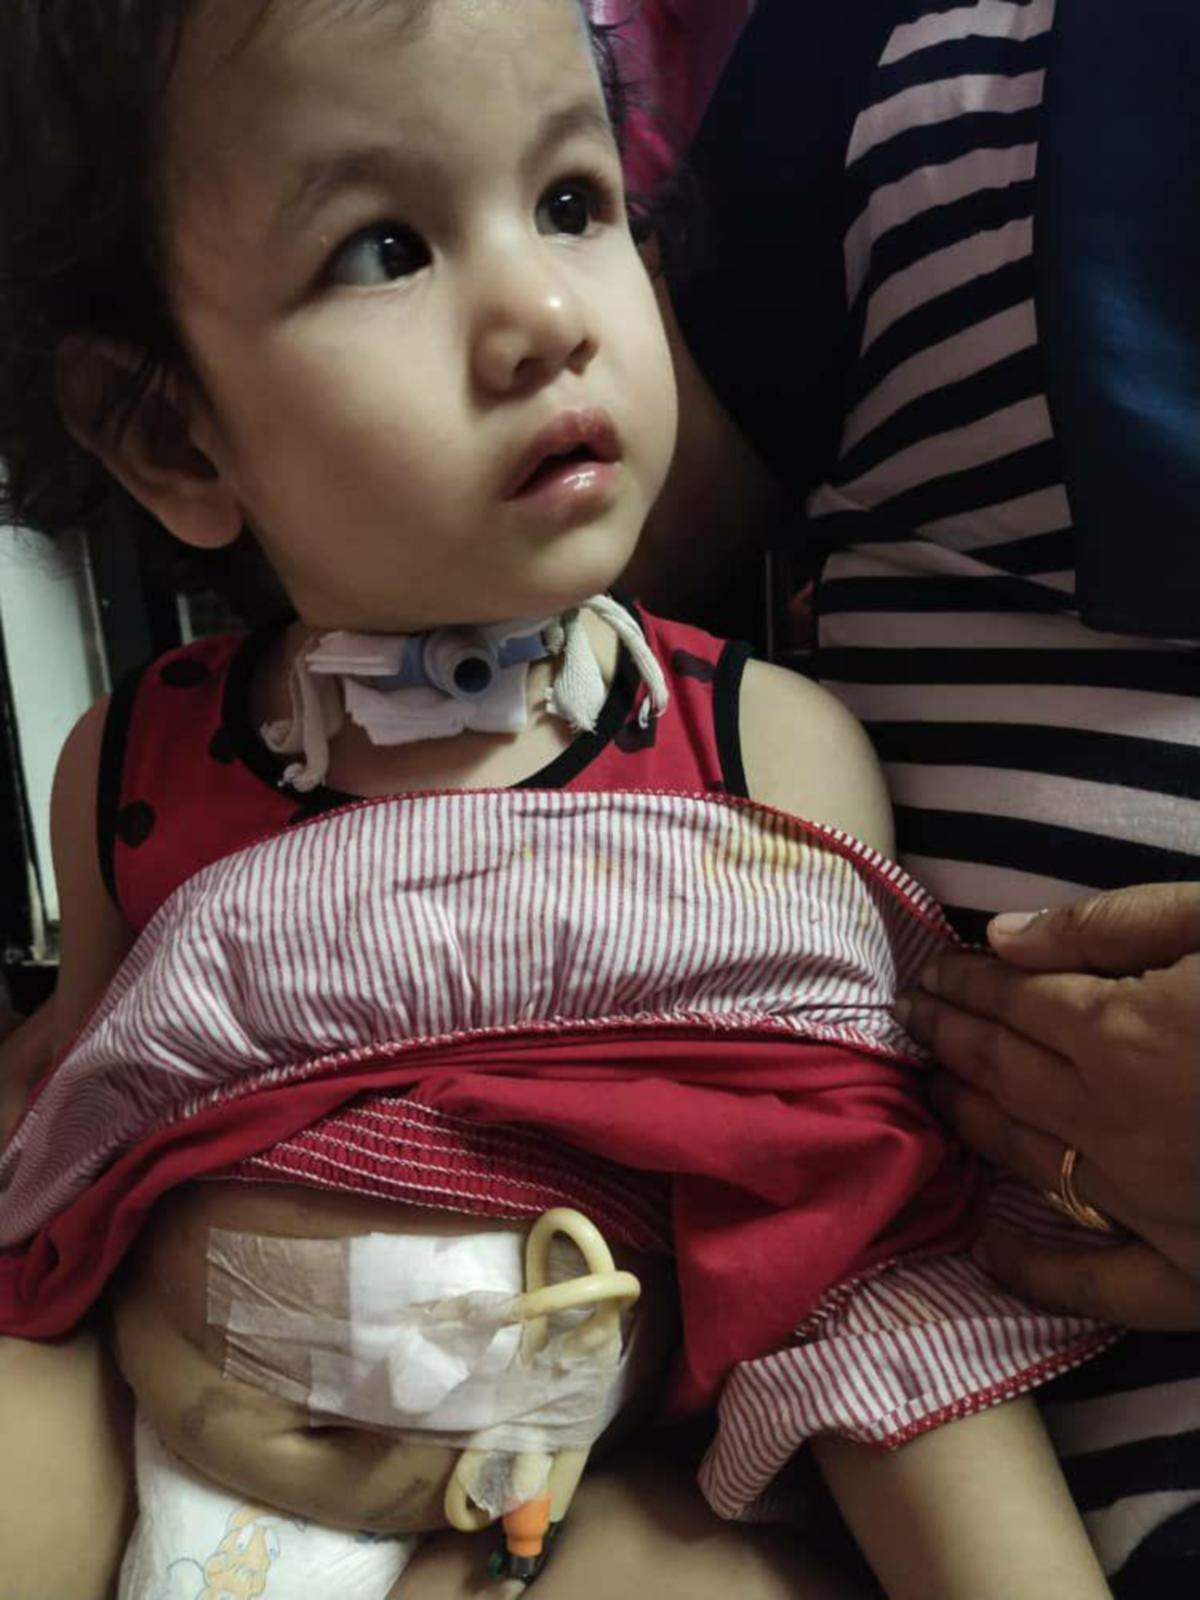 AIRA Arissa menghidap CCHS sejak lahir yang menyebabkannya bergantung dengan mesin bantuan pernafasan ketika tidur. FOTO ihsan Jalilah Awang Kenit